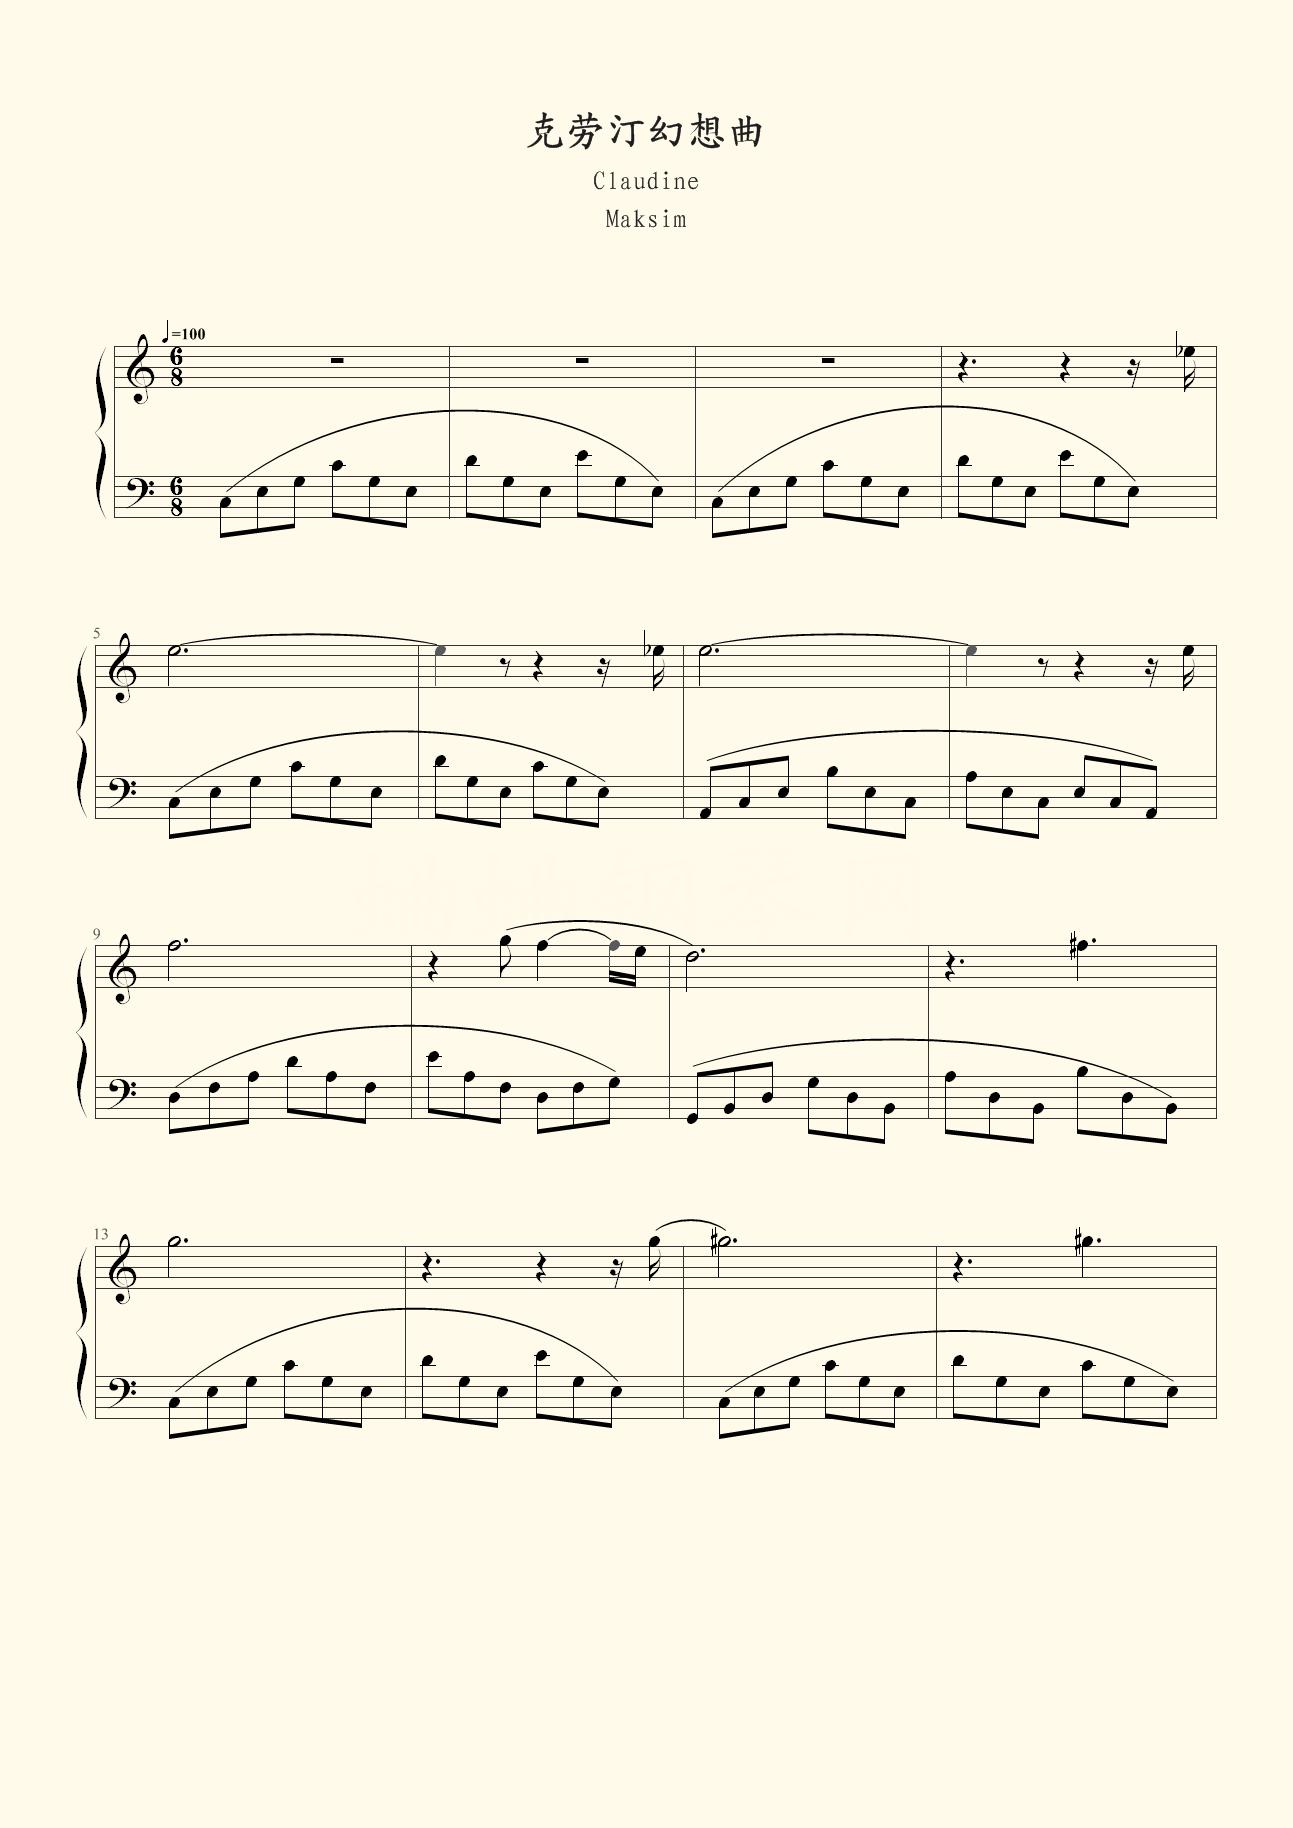 它是一首旋律简单优美,具有浓厚古典气息的钢琴曲,与我们所熟知的名曲